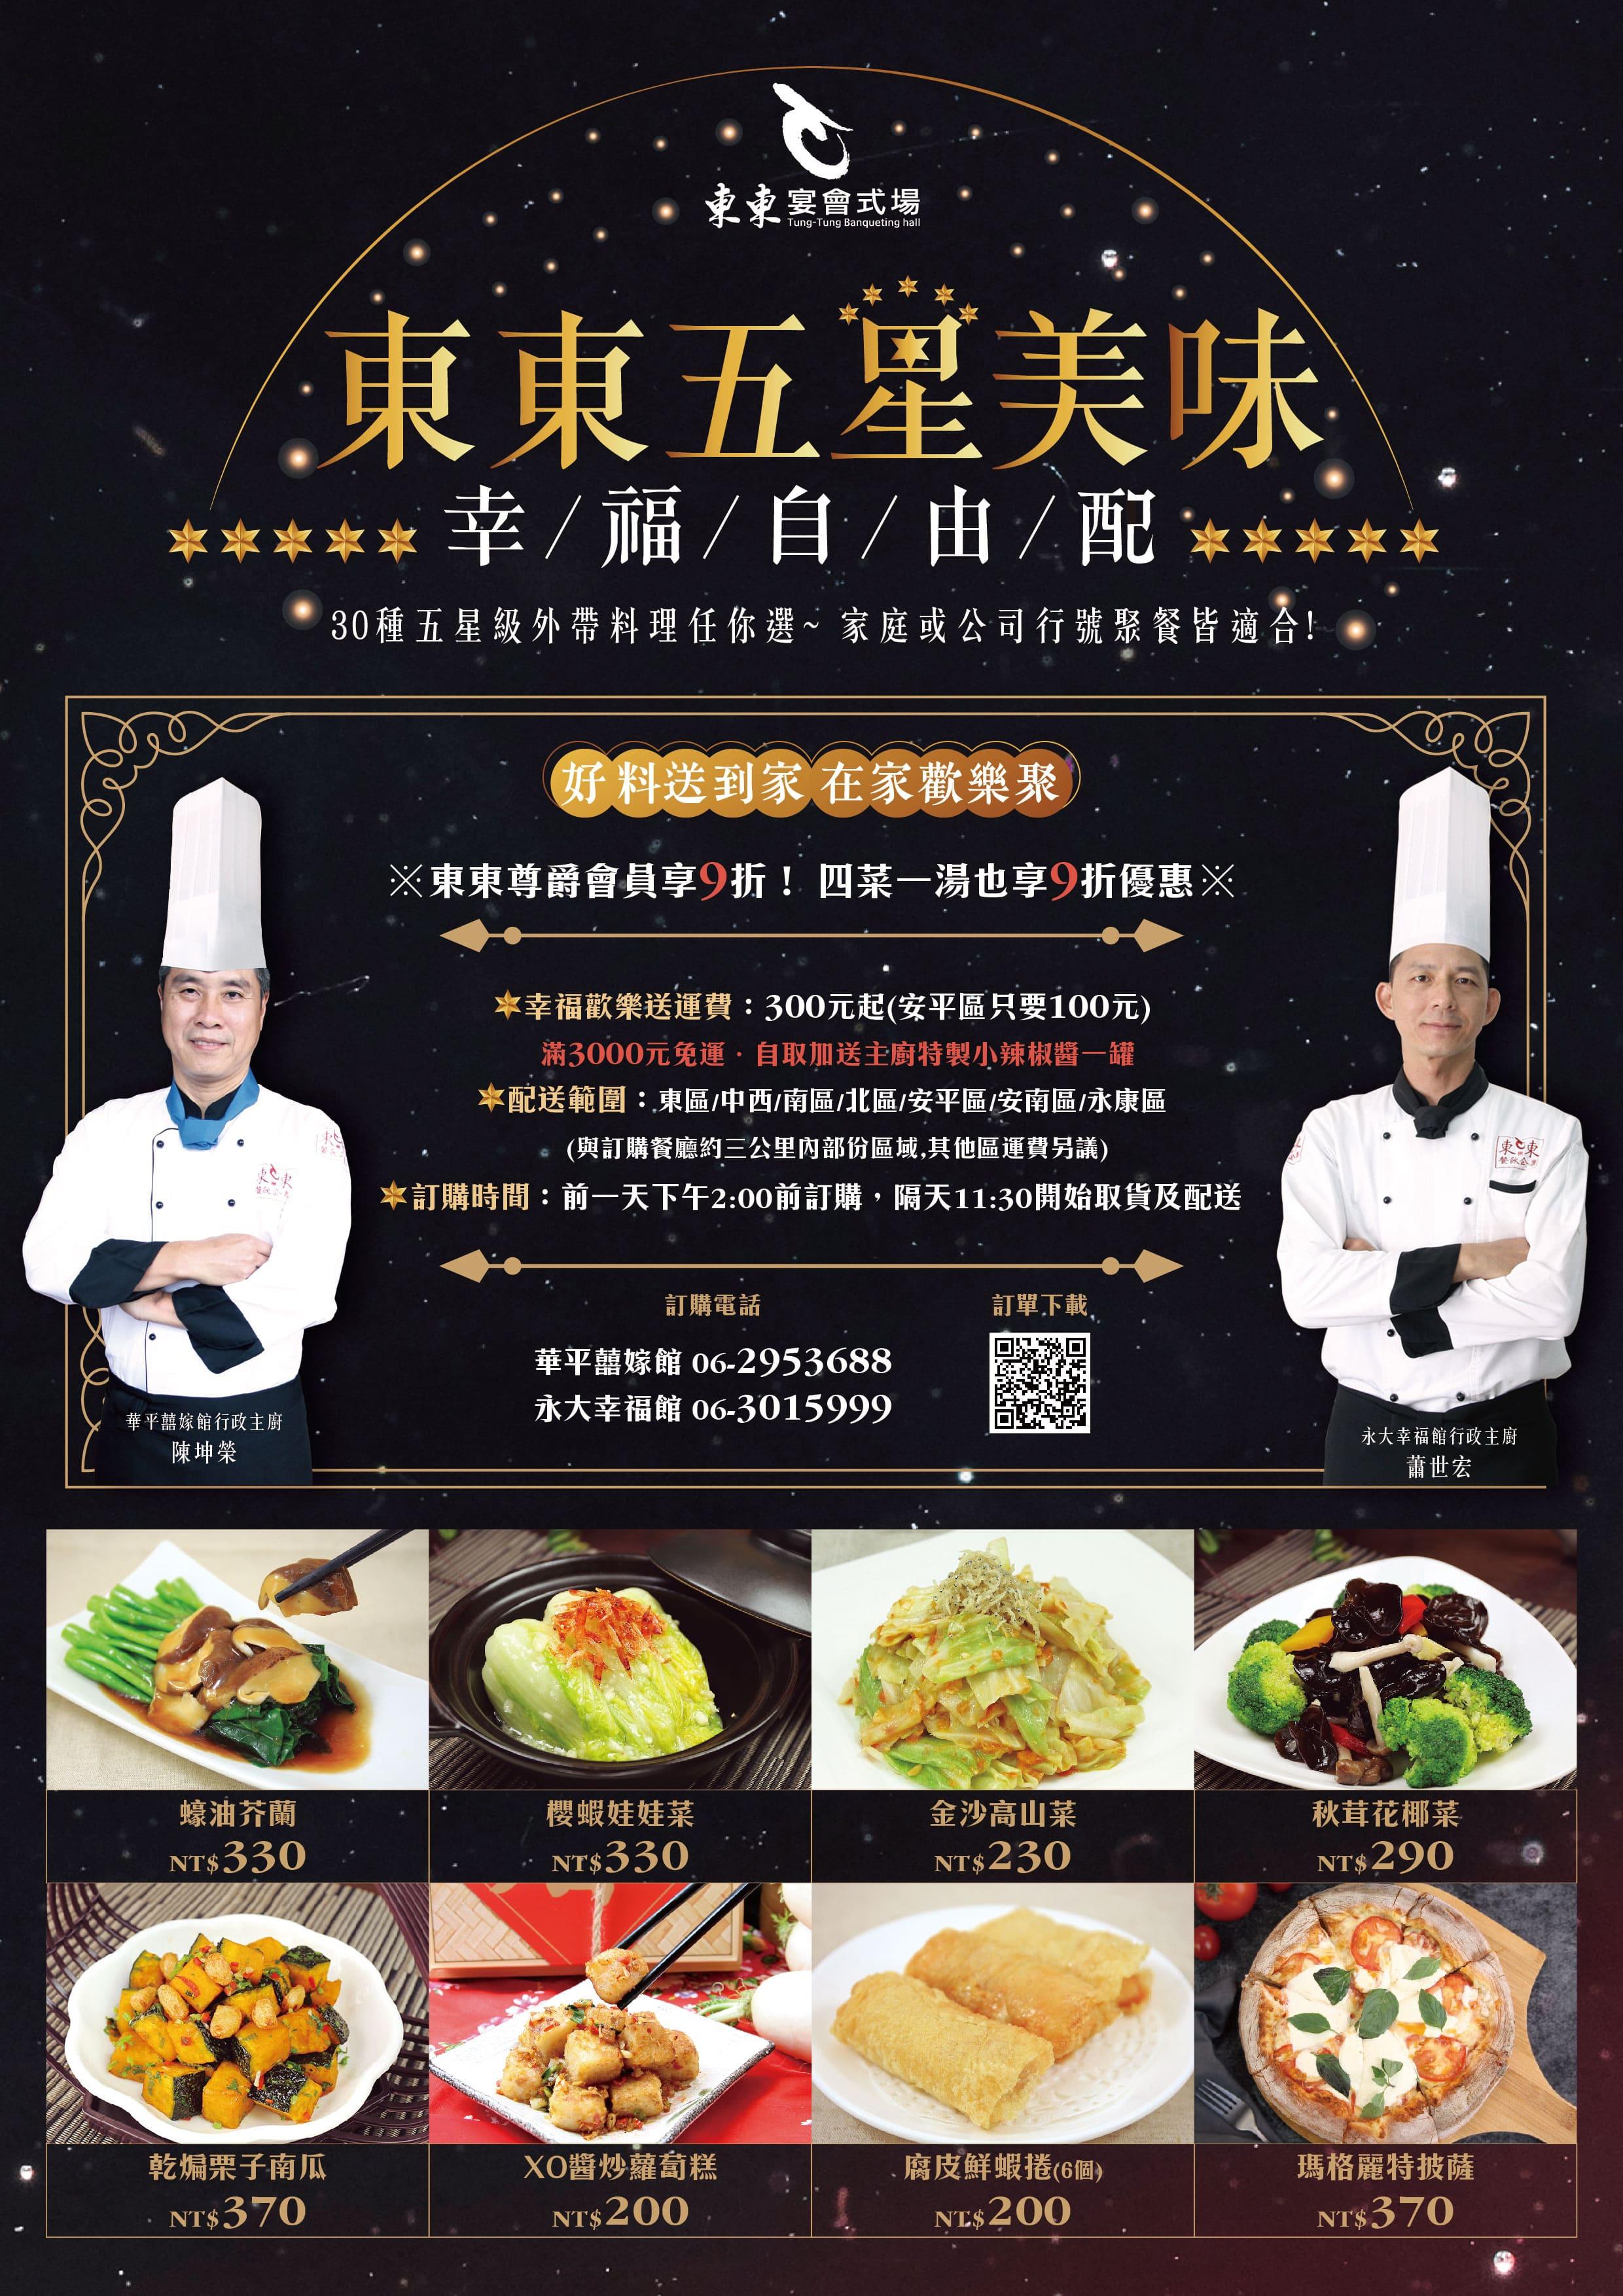 台南外送美食優惠